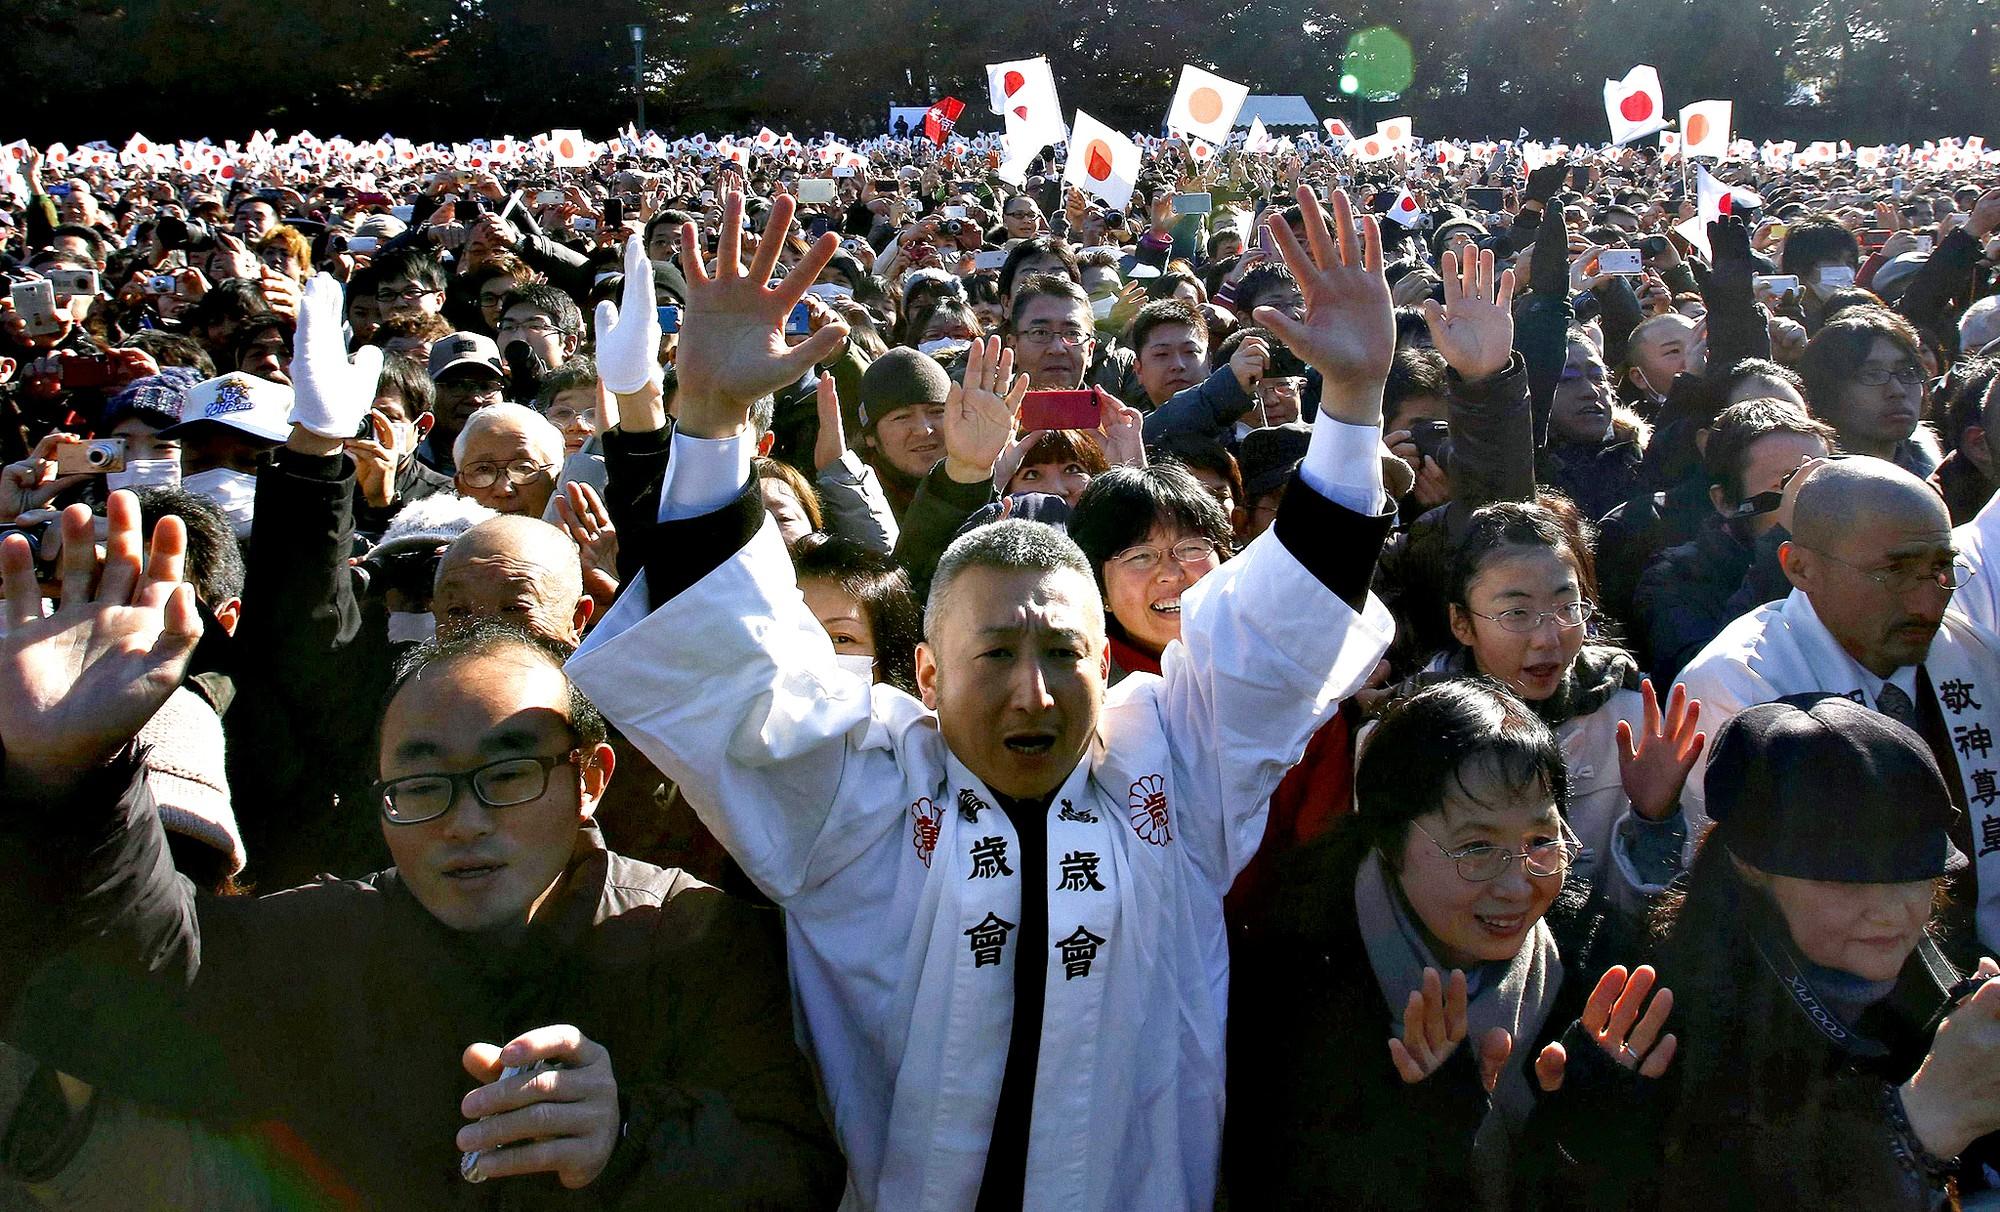 Akihito: Vị Thiên hoàng quỳ gối trước dân và bài phát biểu nhạy cảm bị nhà đài ngang nhiên cắt gọt - Ảnh 22.